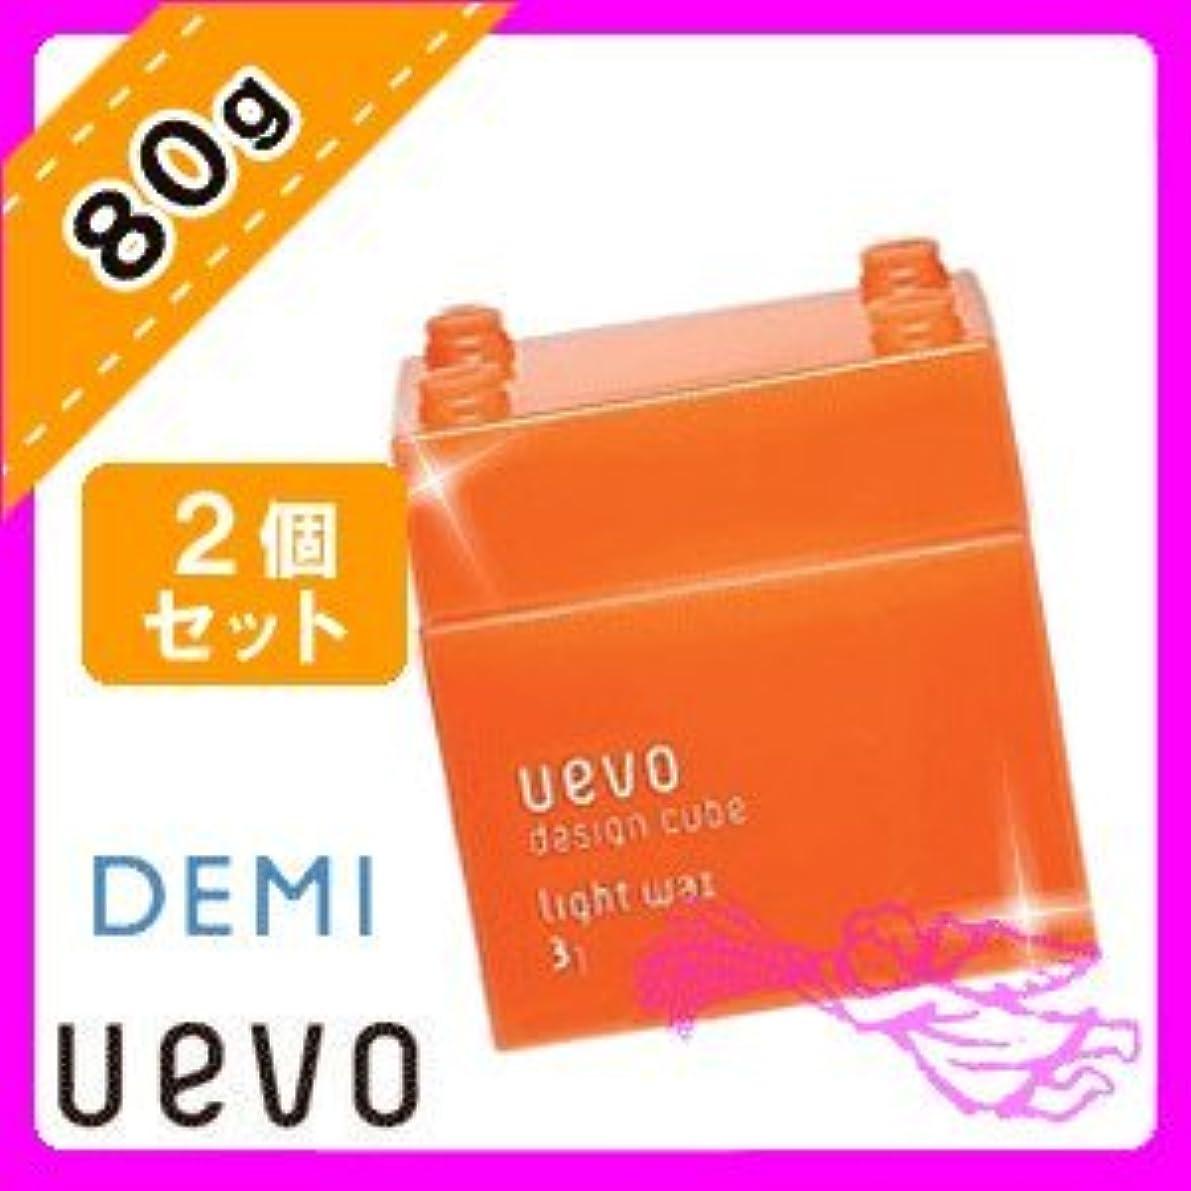 問い合わせる肌寒い可決【X2個セット】 デミ ウェーボ デザインキューブ ライトワックス 80g